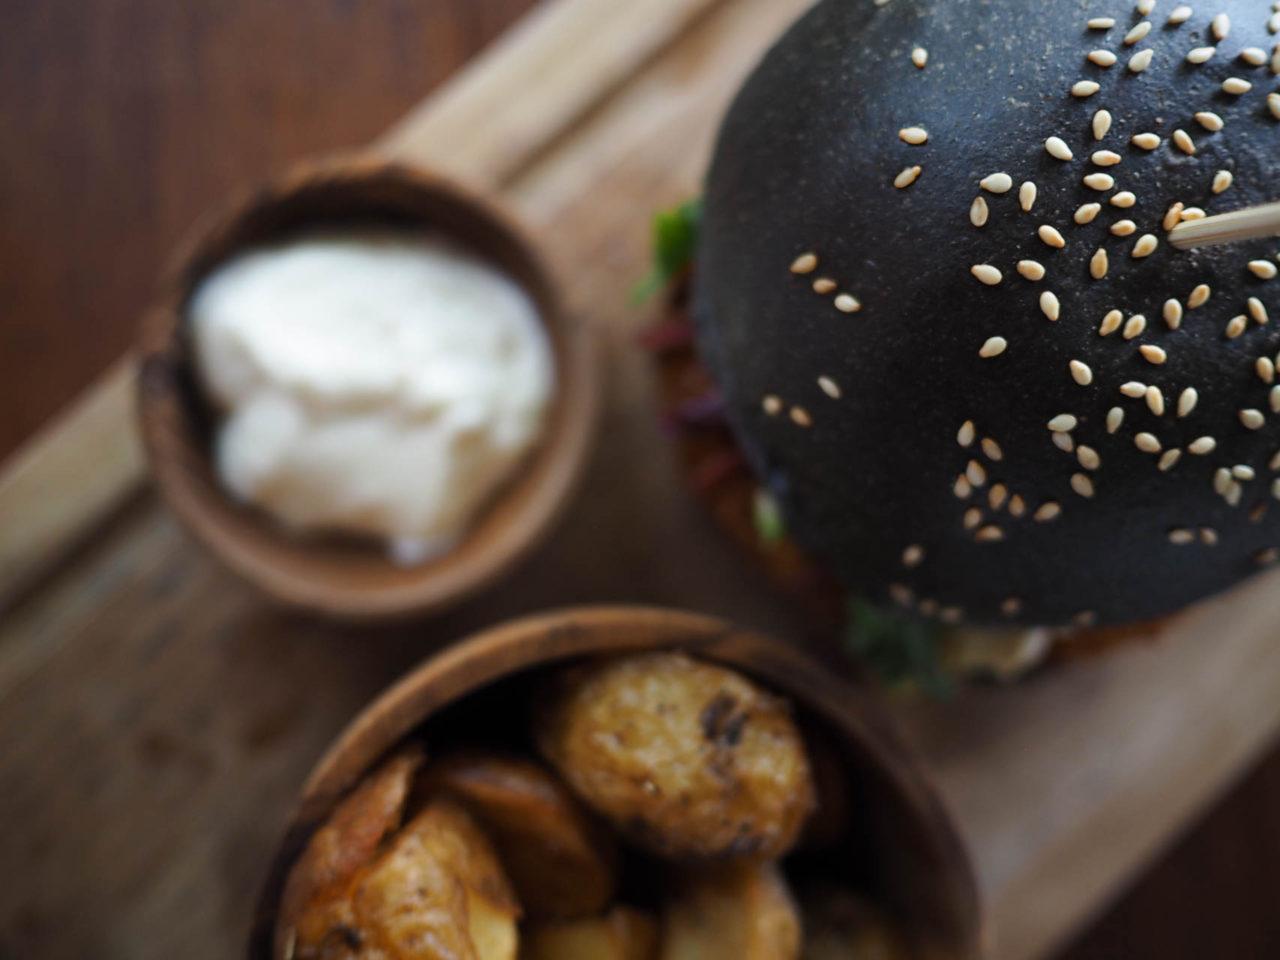 nude-vegan-burger-canggu-bali-guide-11